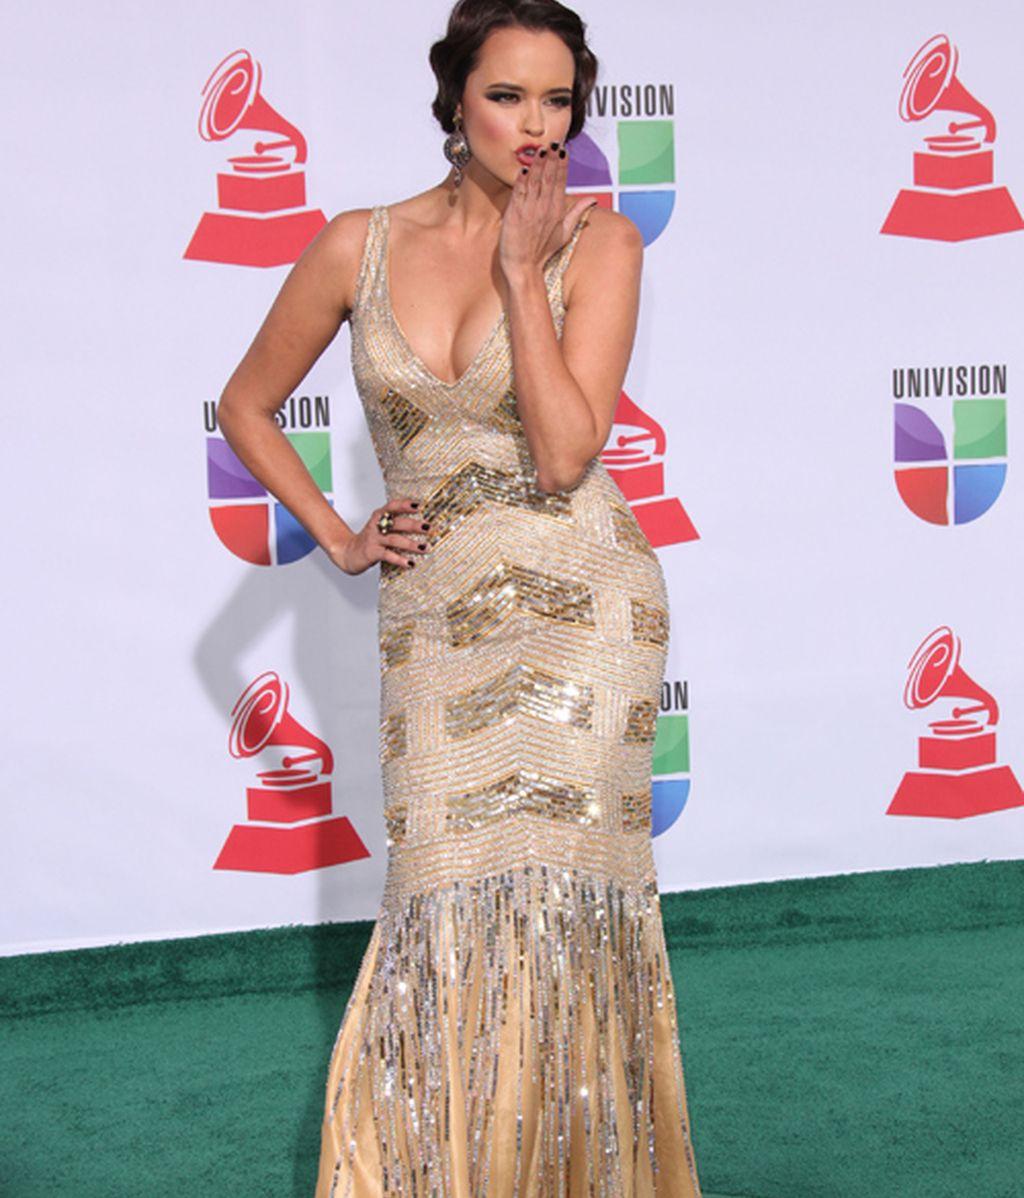 La belleza latina no es asunto baladí